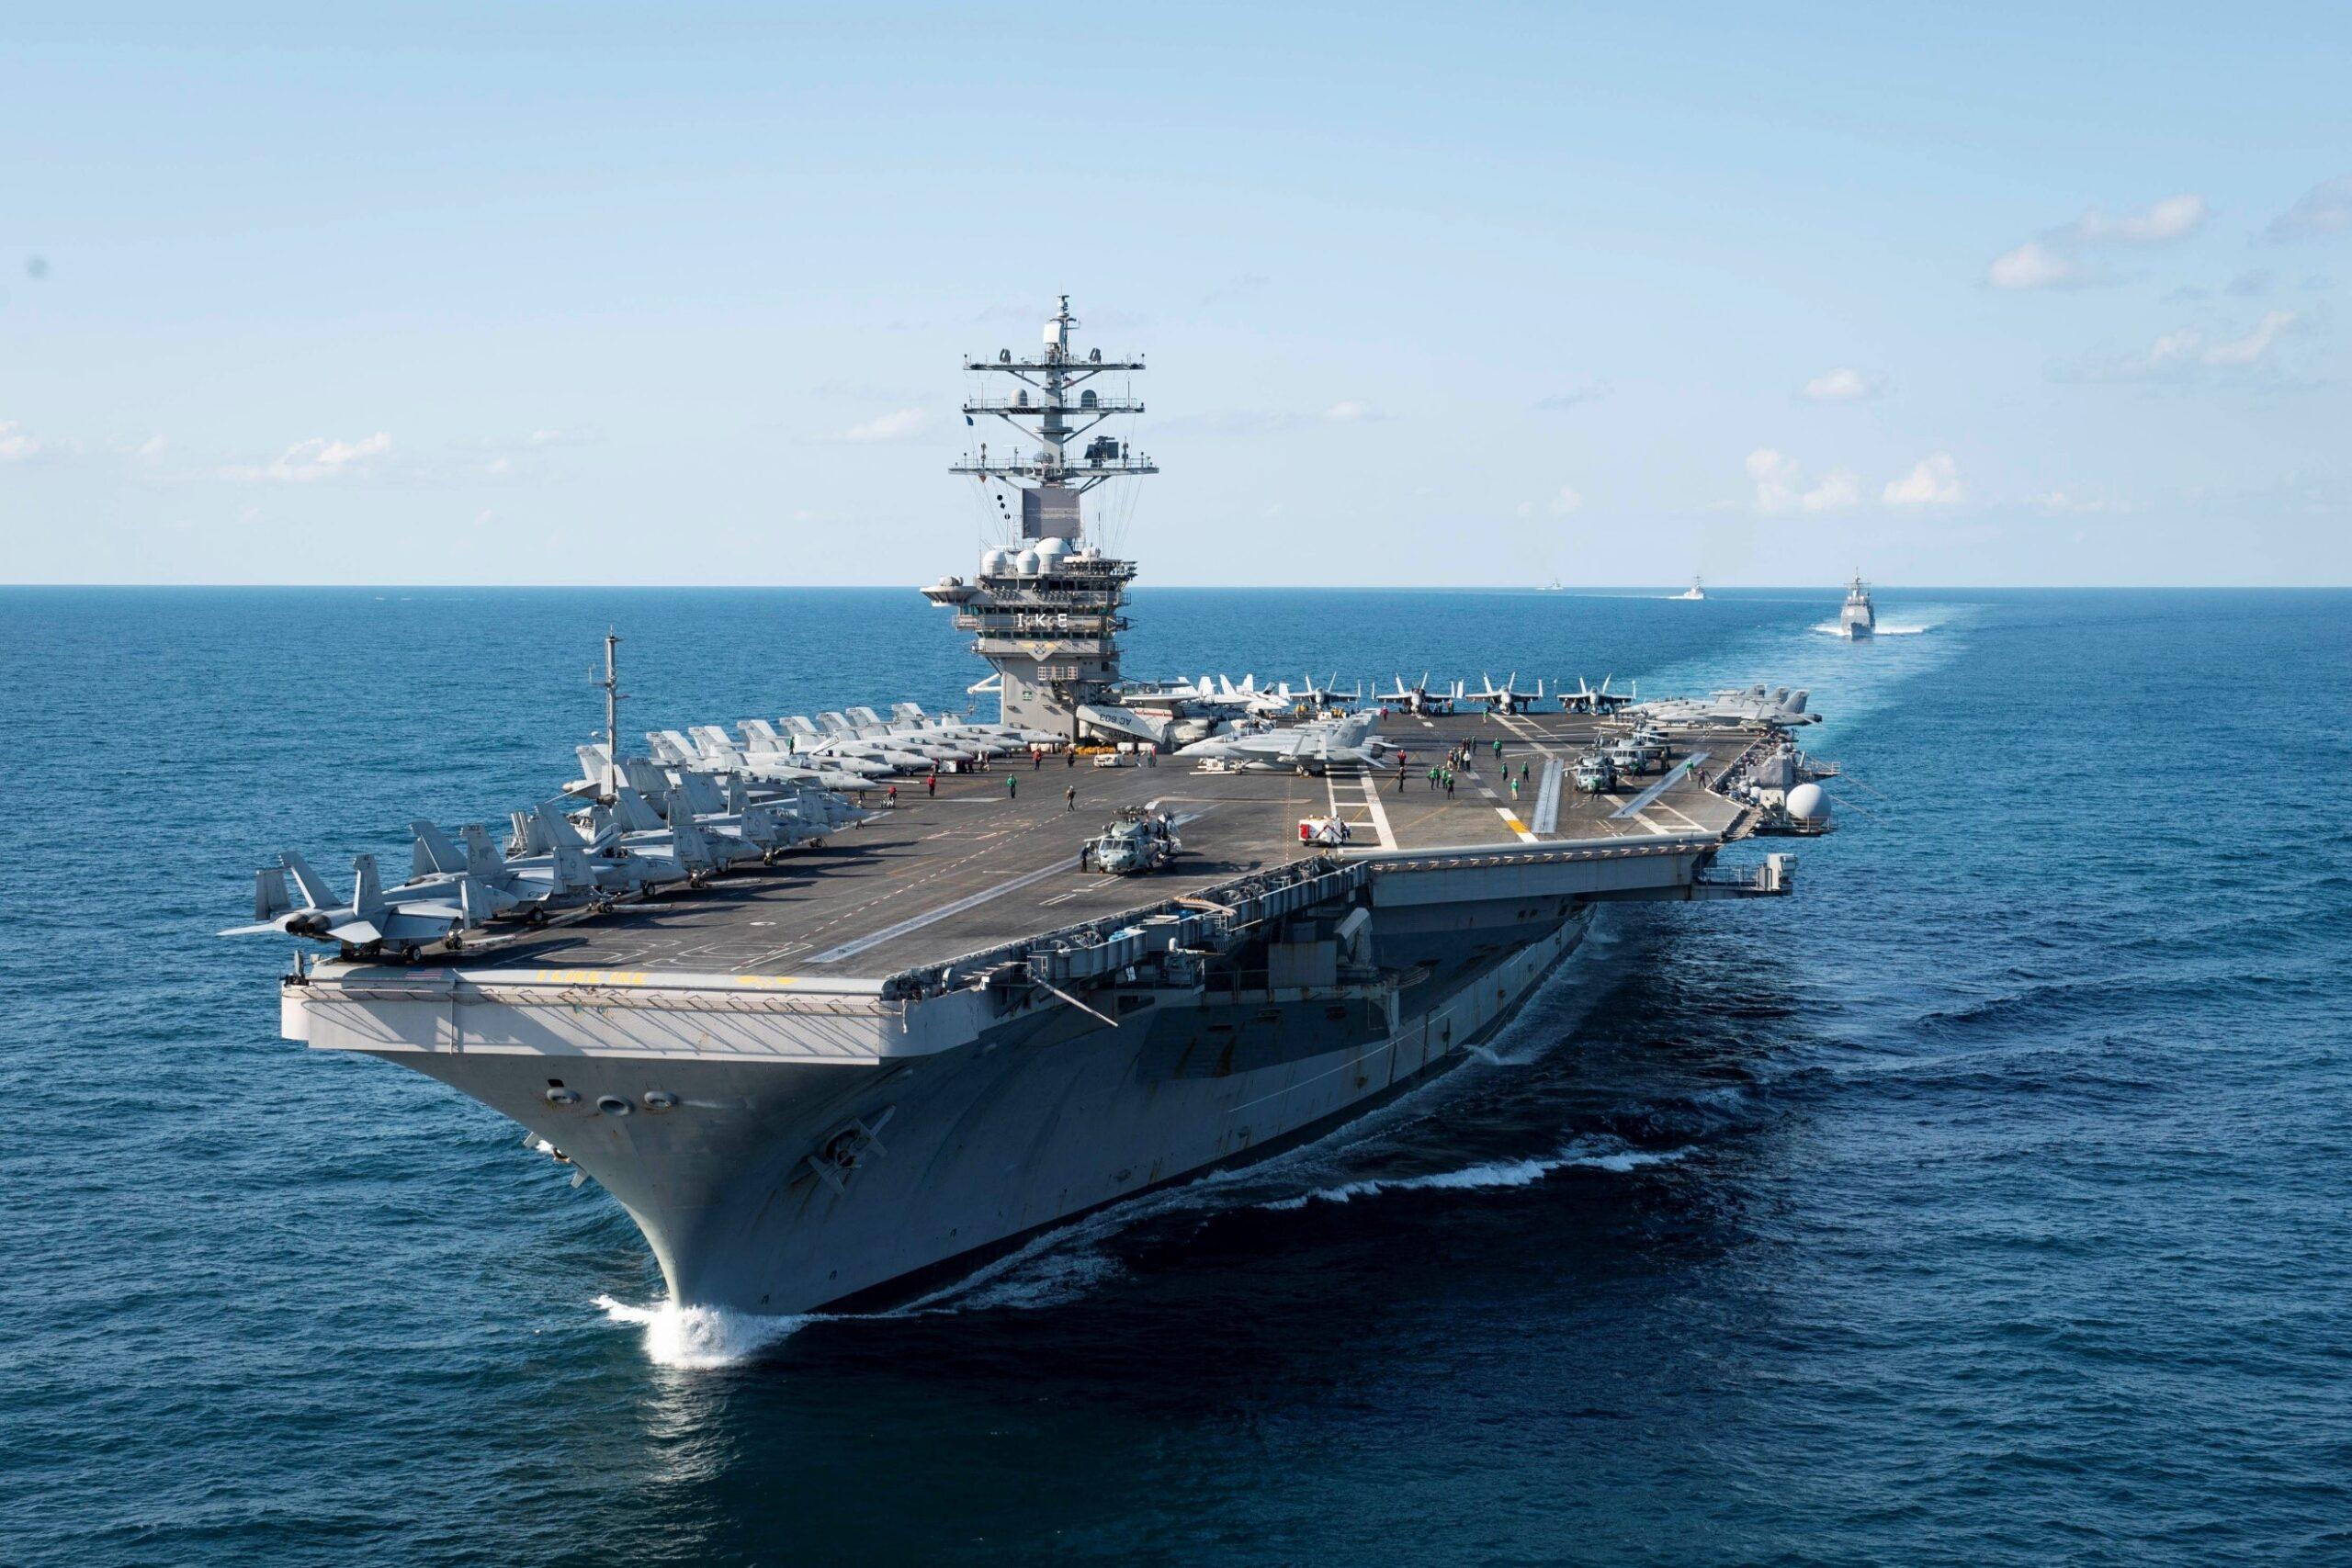 Amerikanska flottan väljer Lockheed Martin och IFS för leverans av intelligent fartygs- och flygplansunderhåll